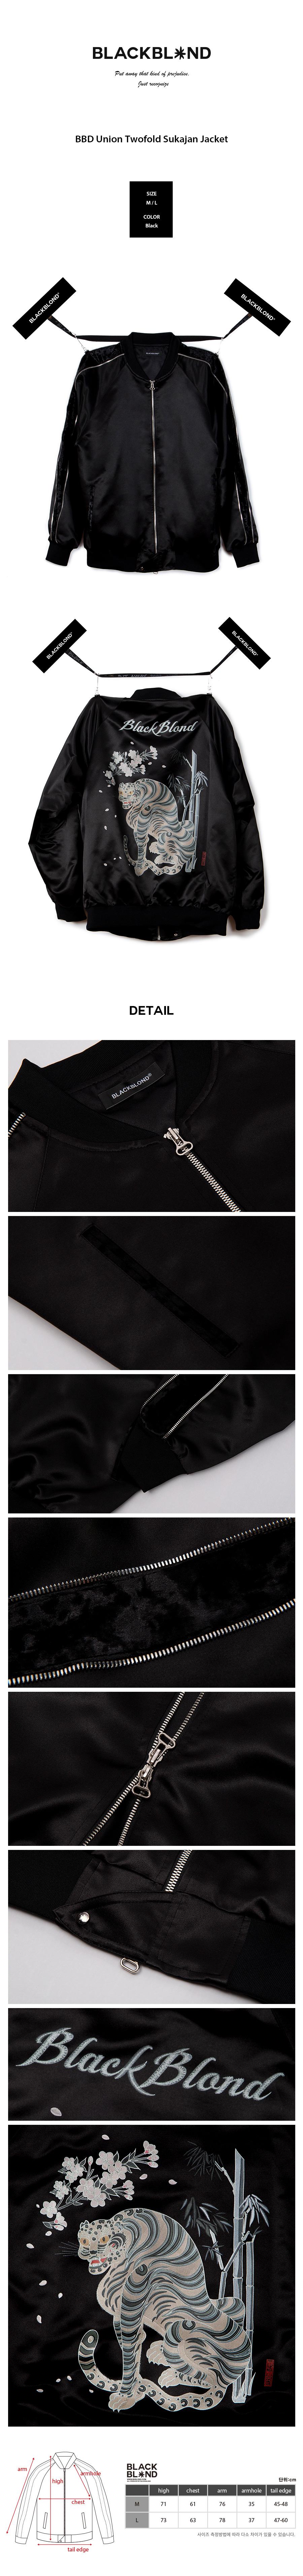 블랙블론드 BLACKBLOND - BBD Union Twofold Sukajan Jacket (Black)